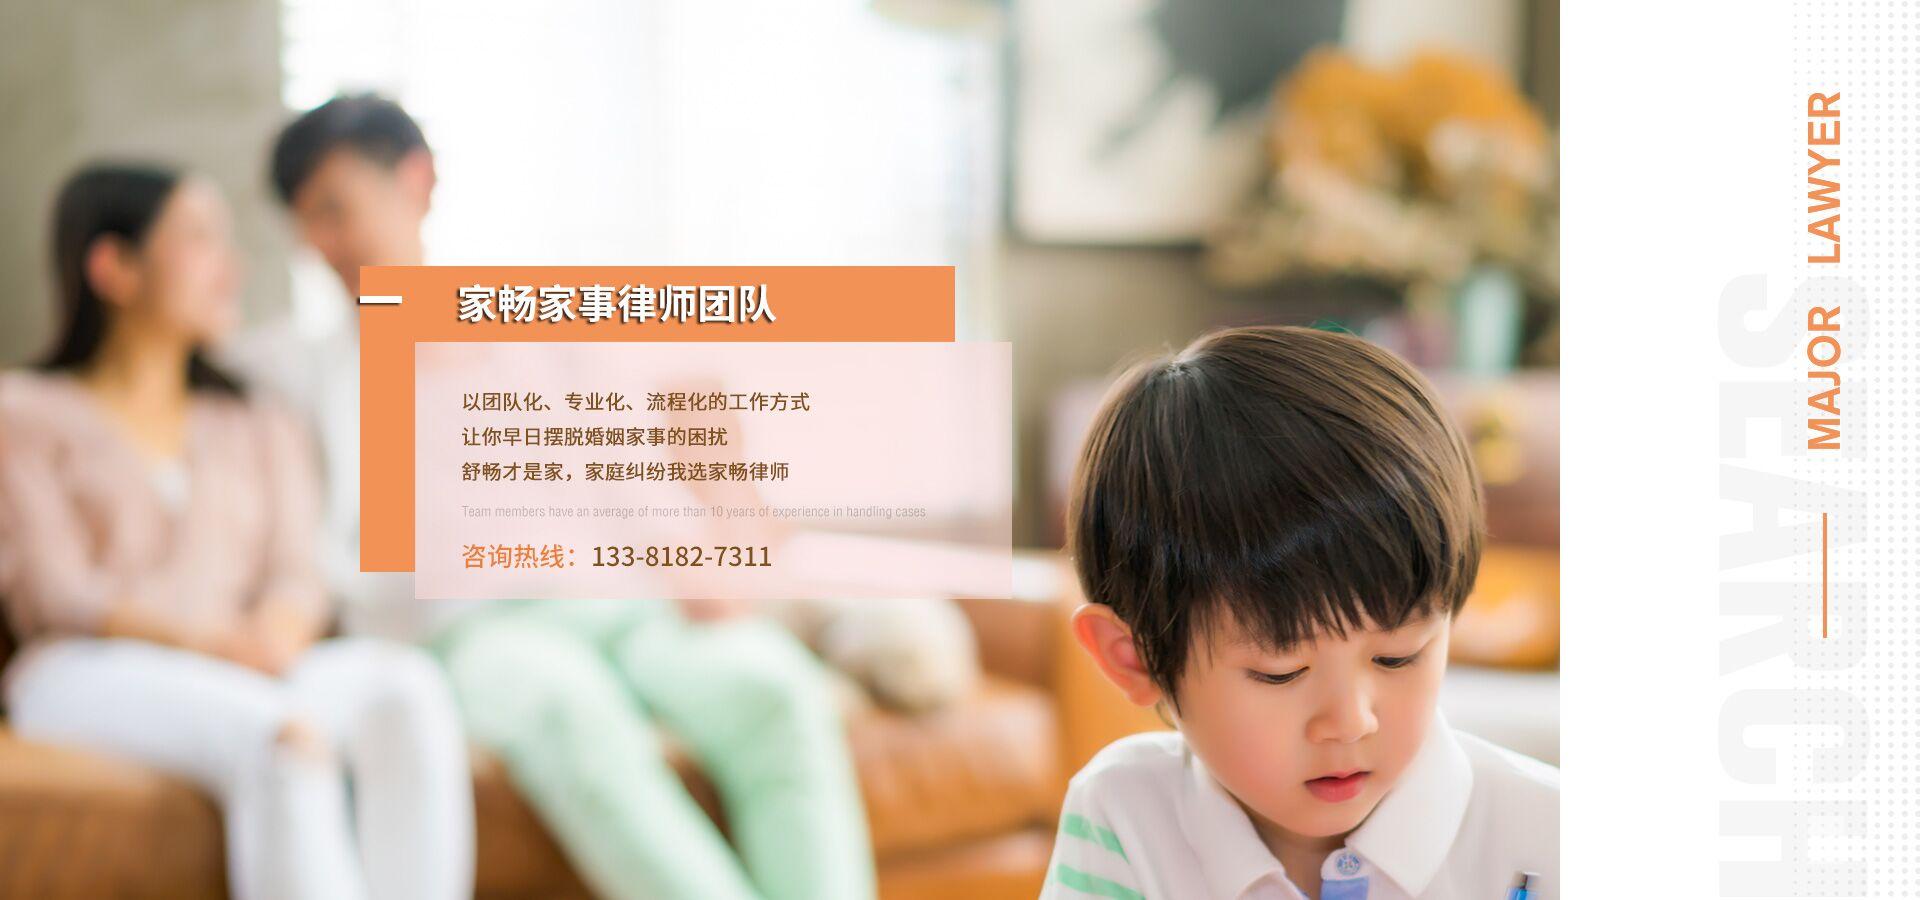 上海婚姻家事咨询律师